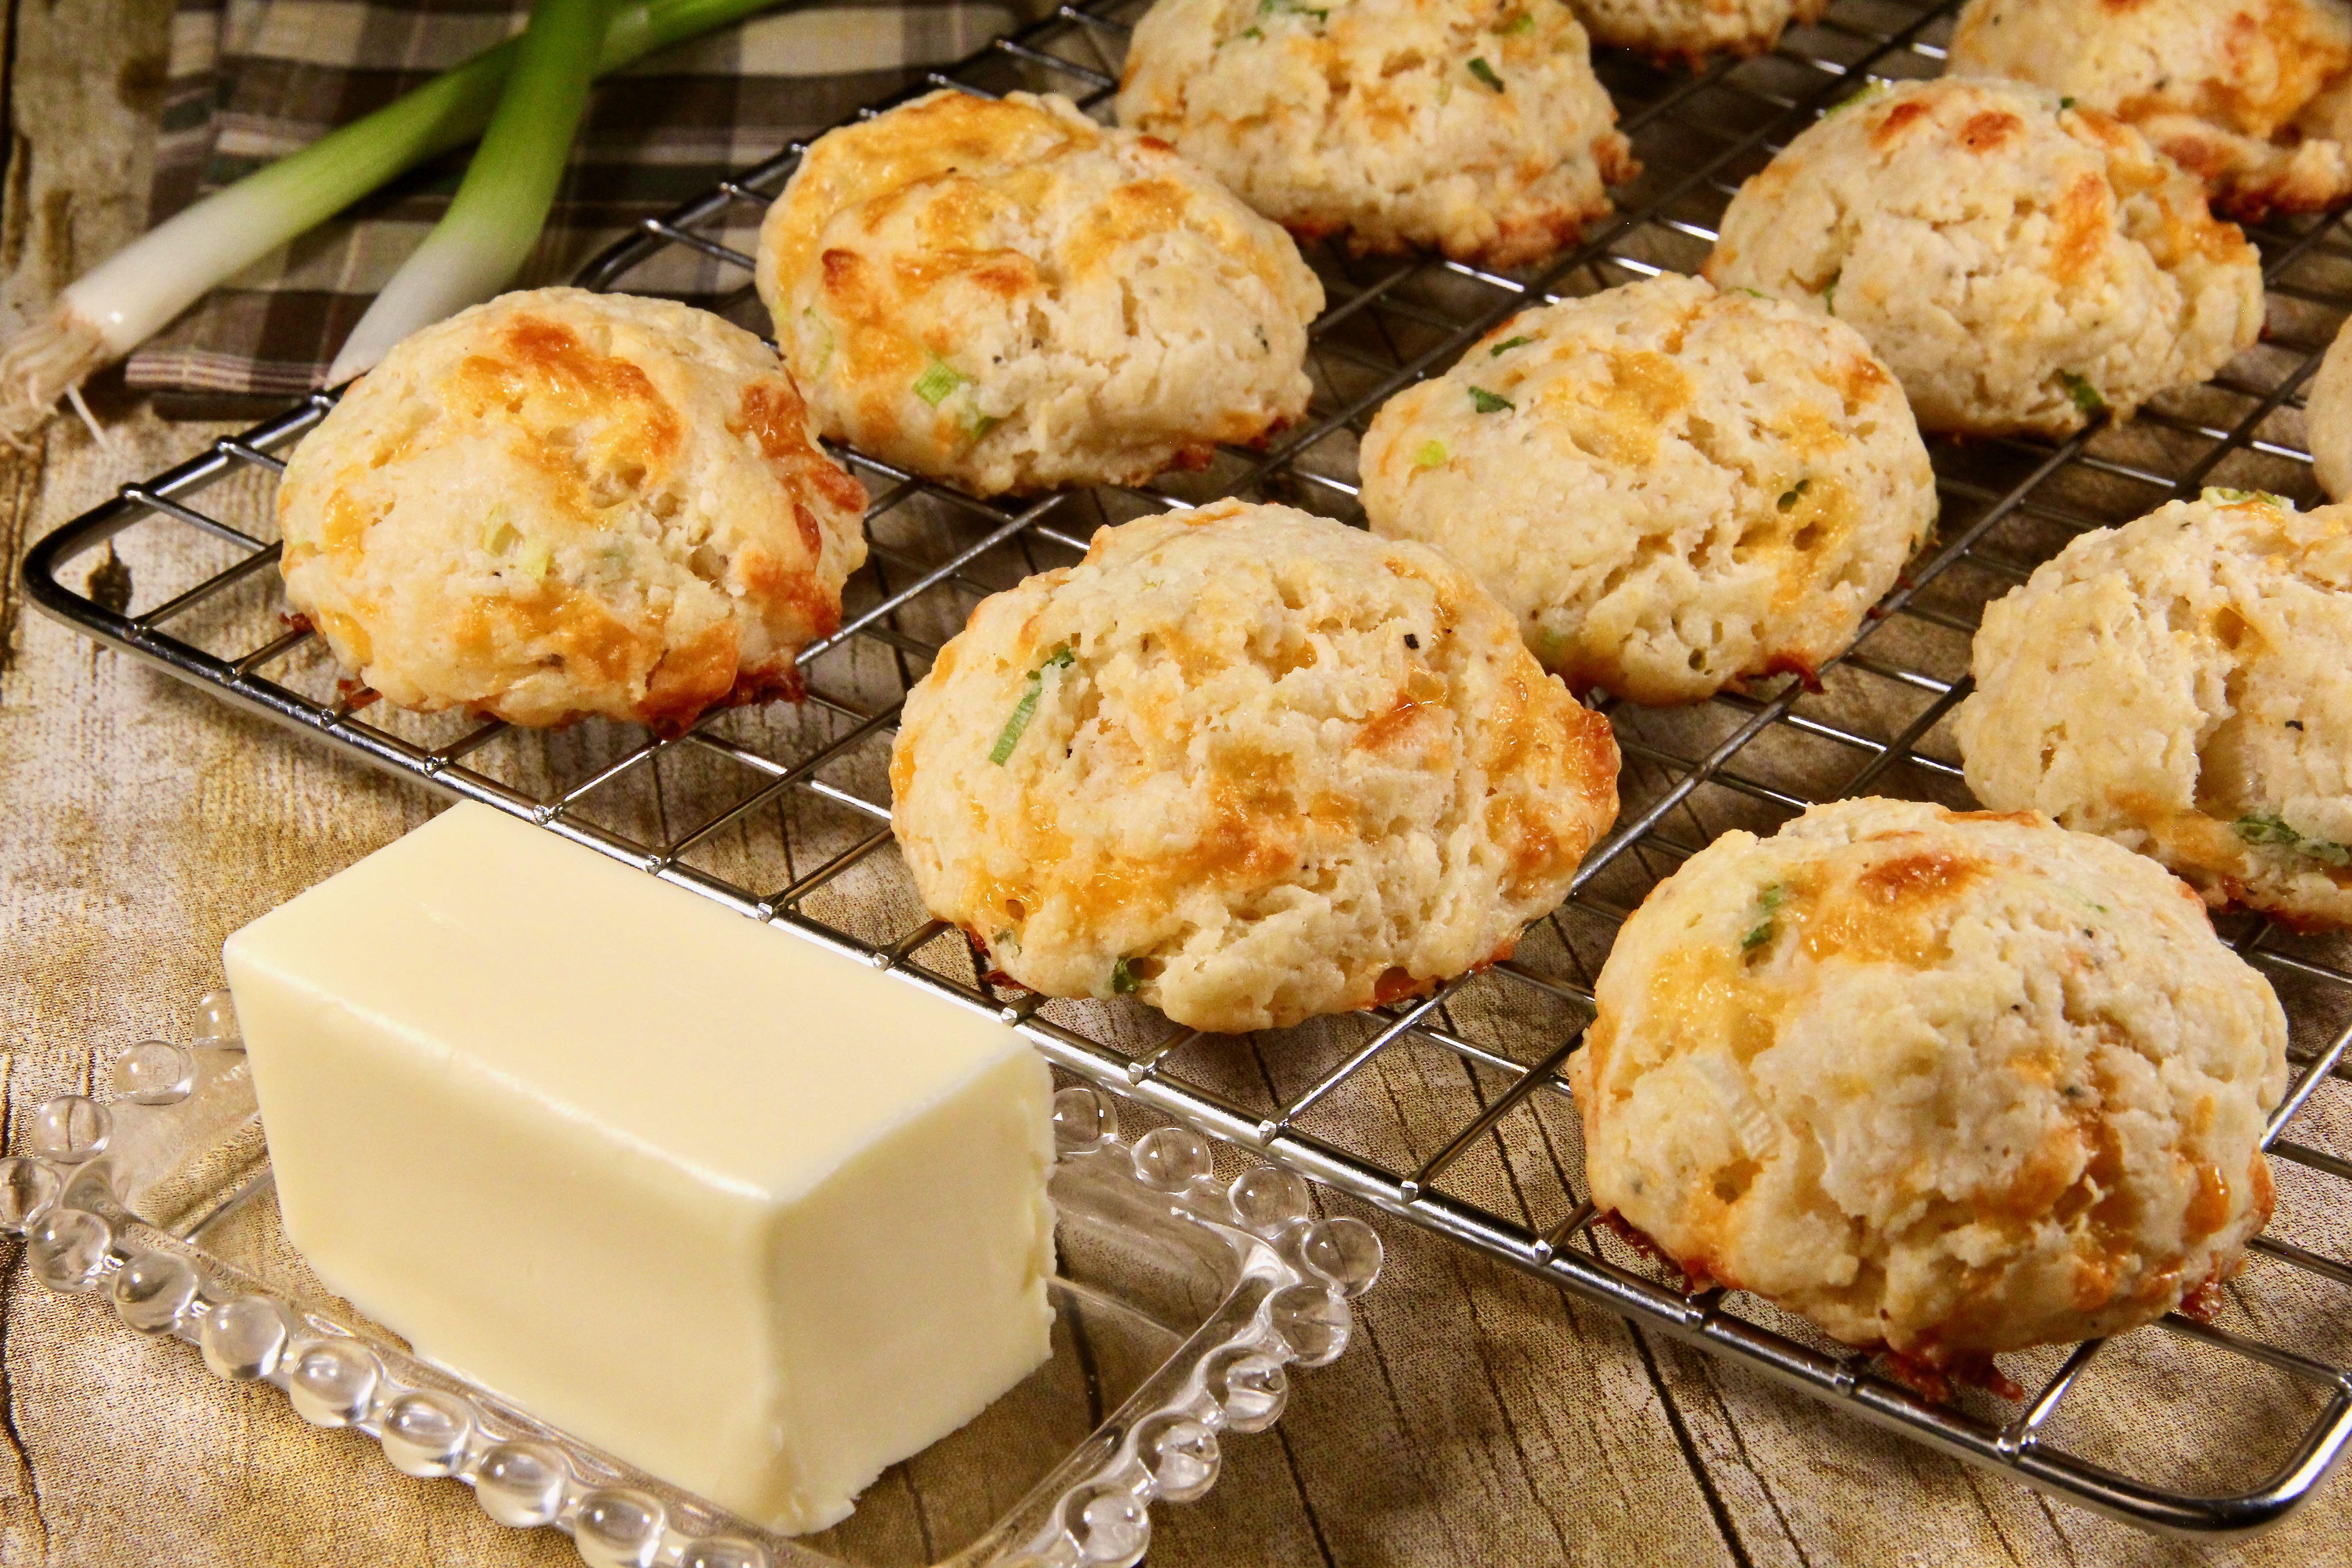 Cheddar-Scallion Buttermilk Biscuits